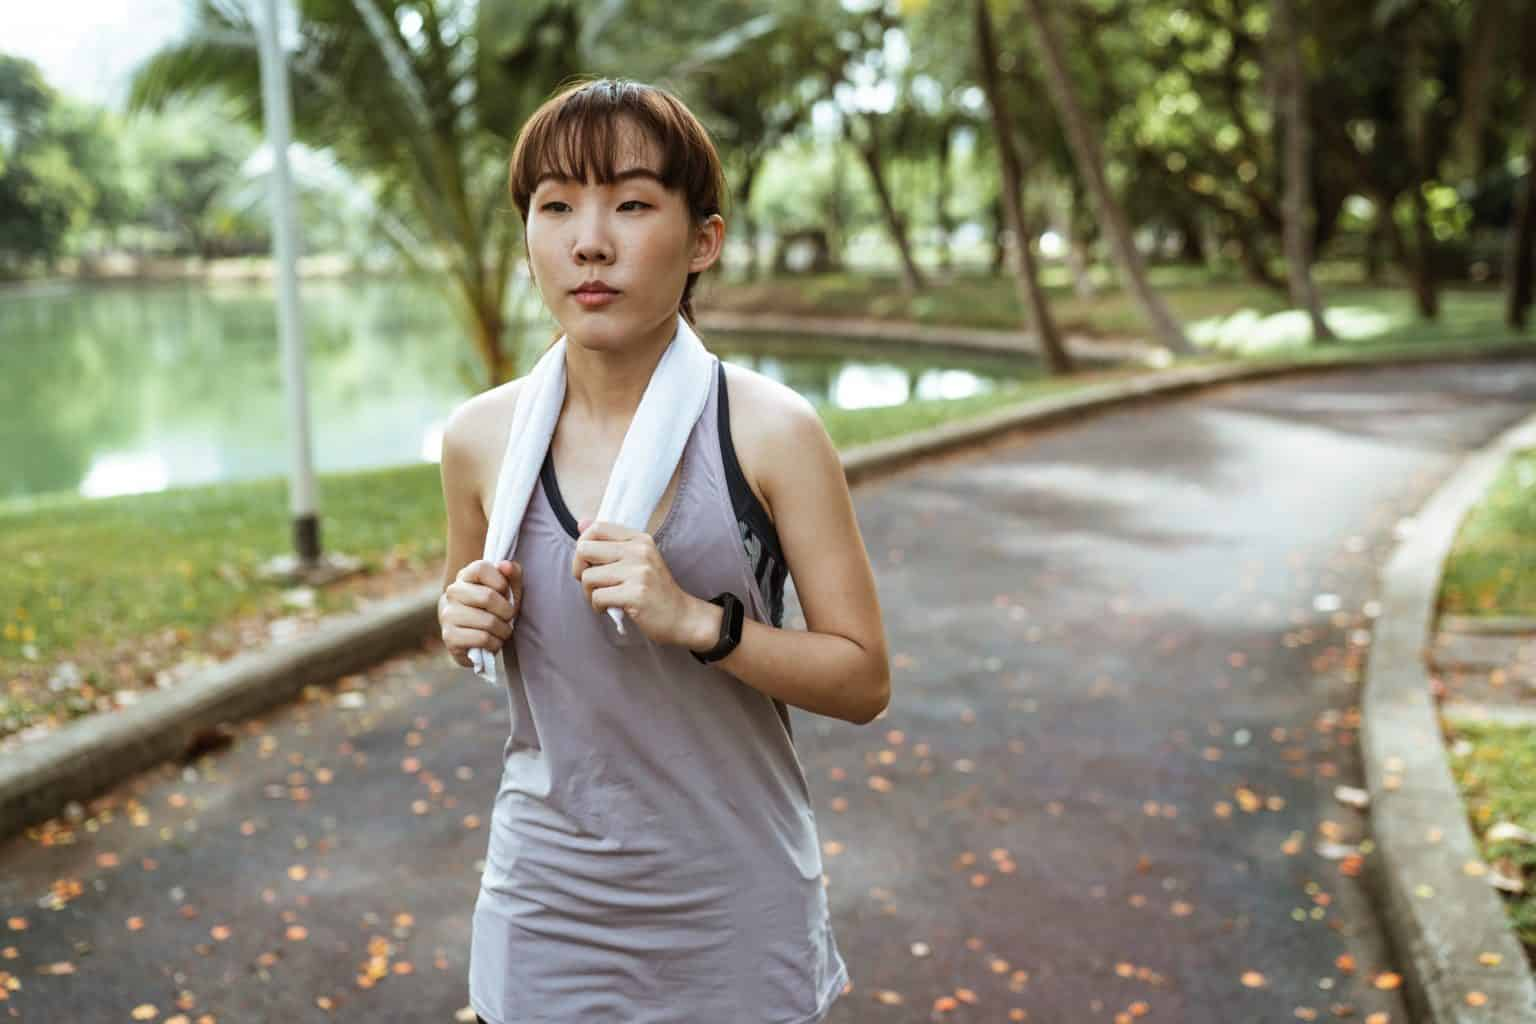 一個女人在跑步